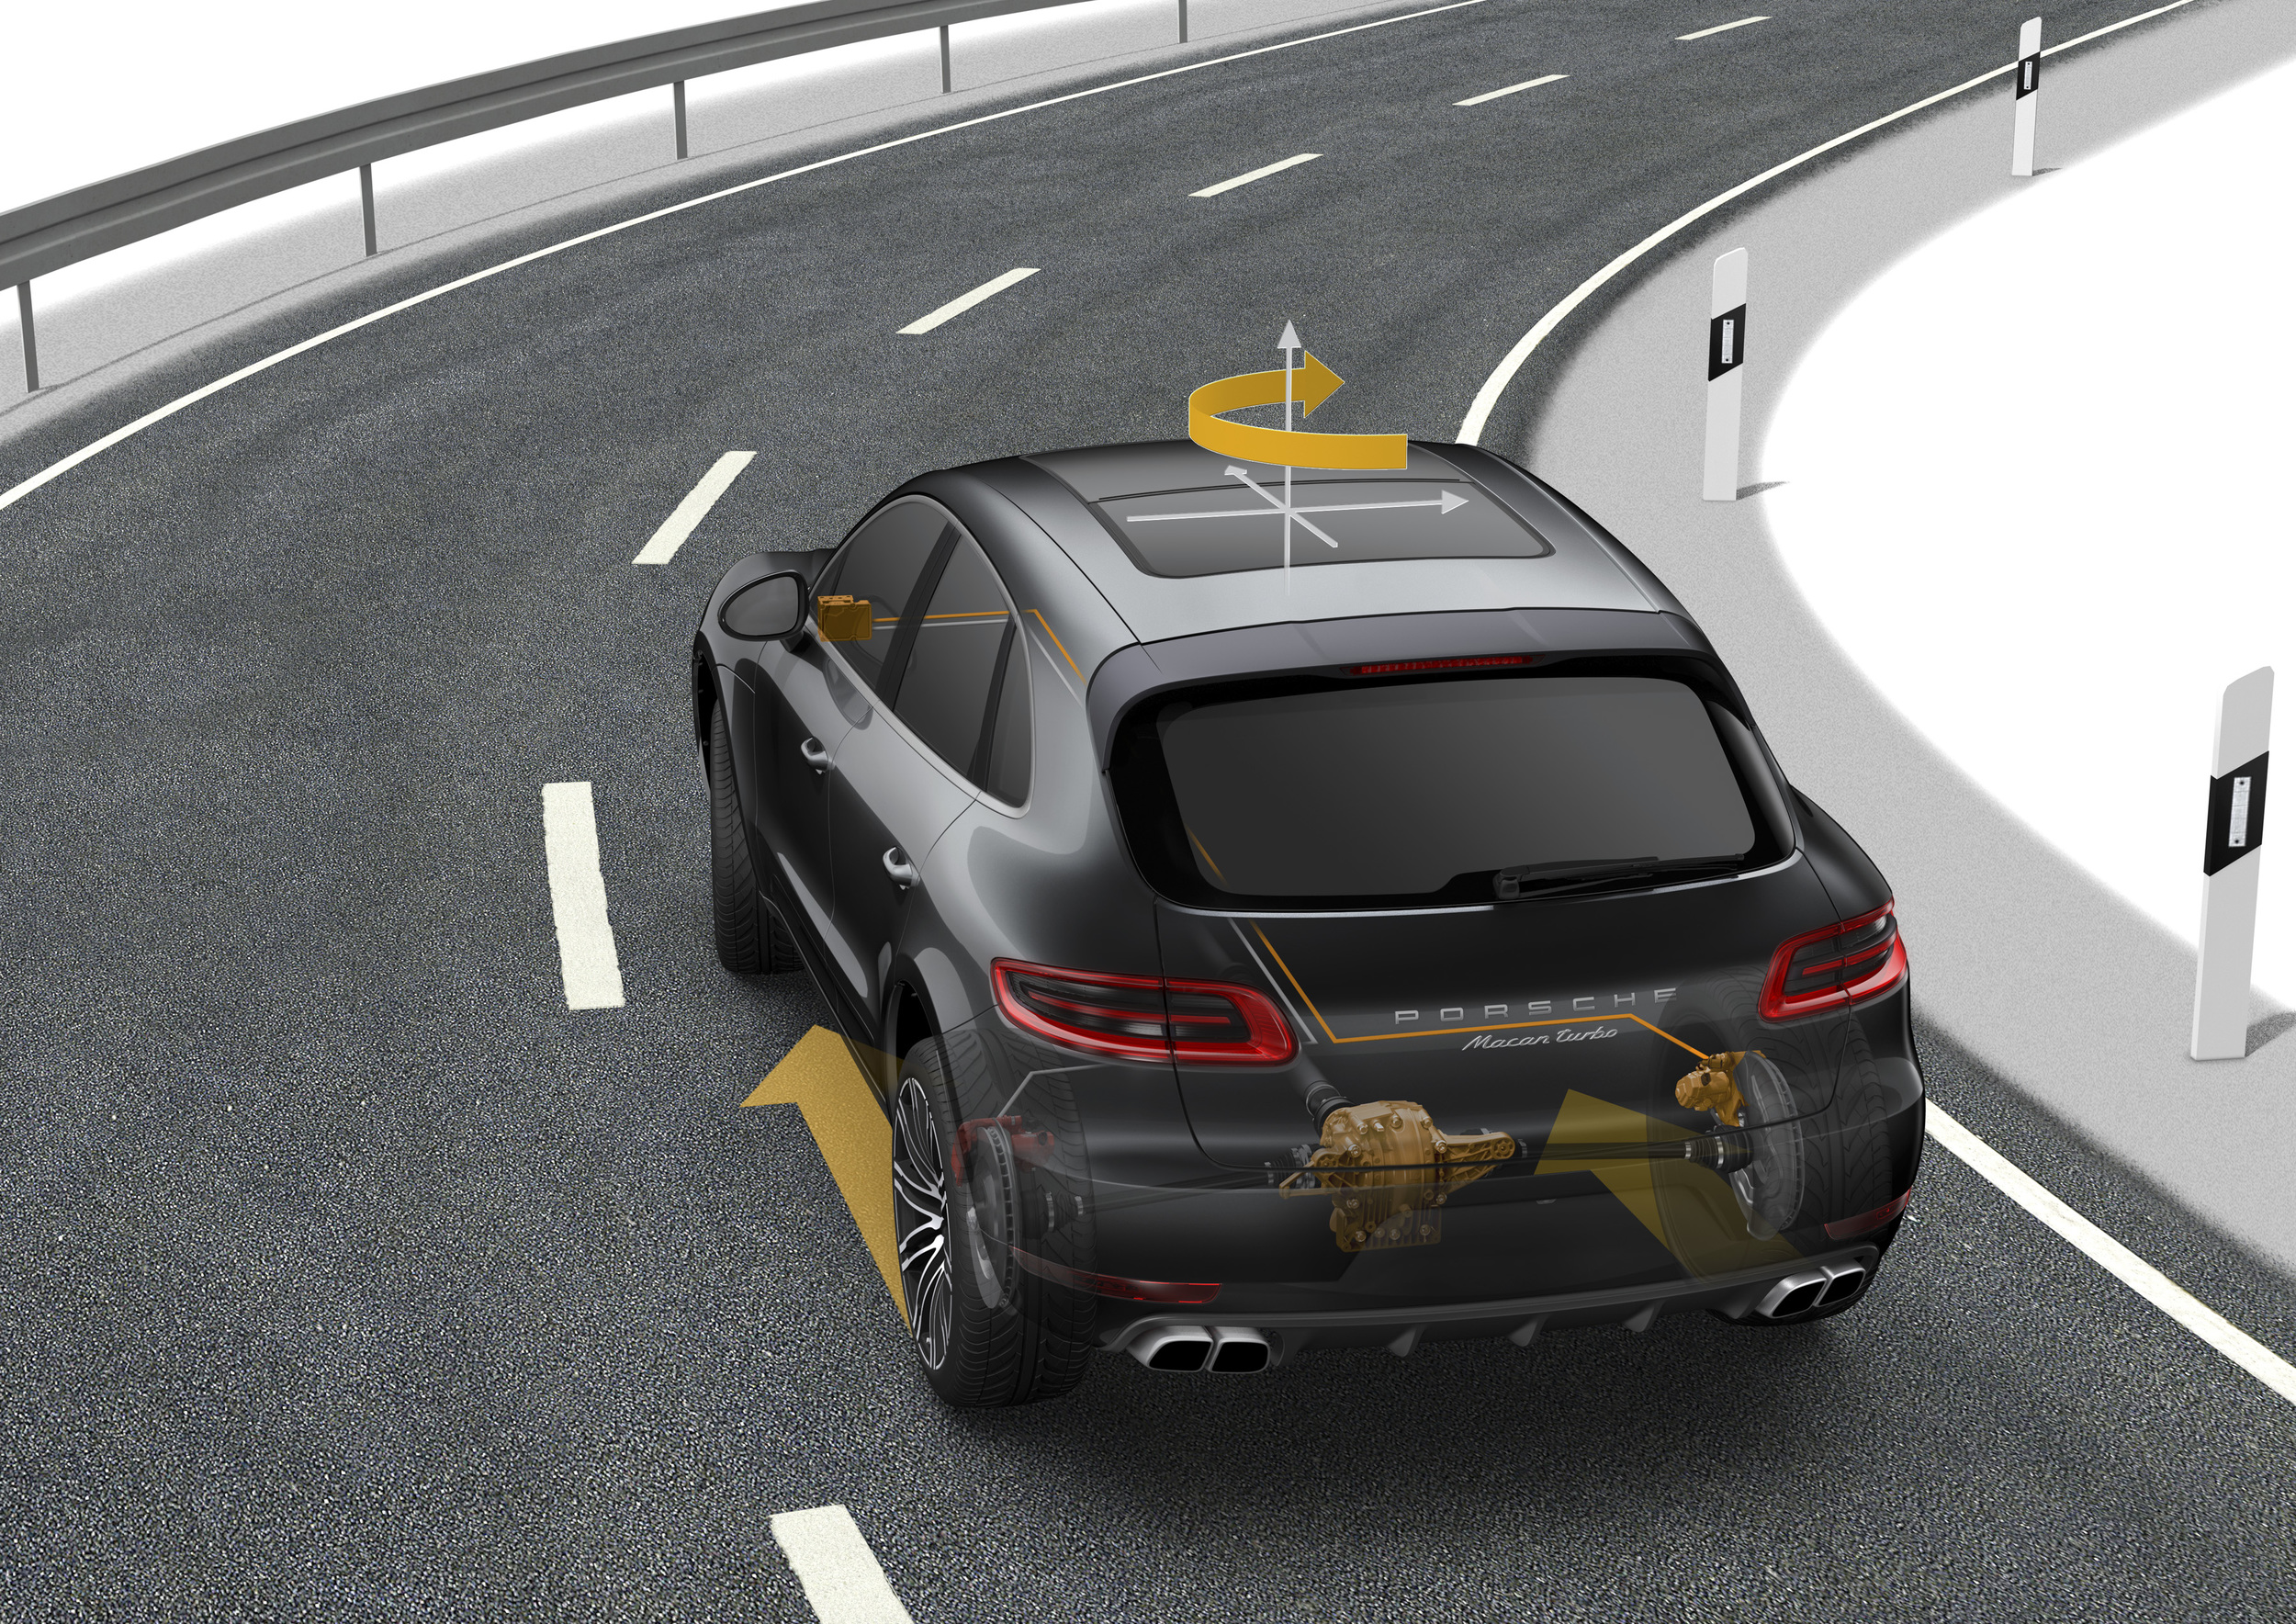 Porsche Macan torque vectoring system